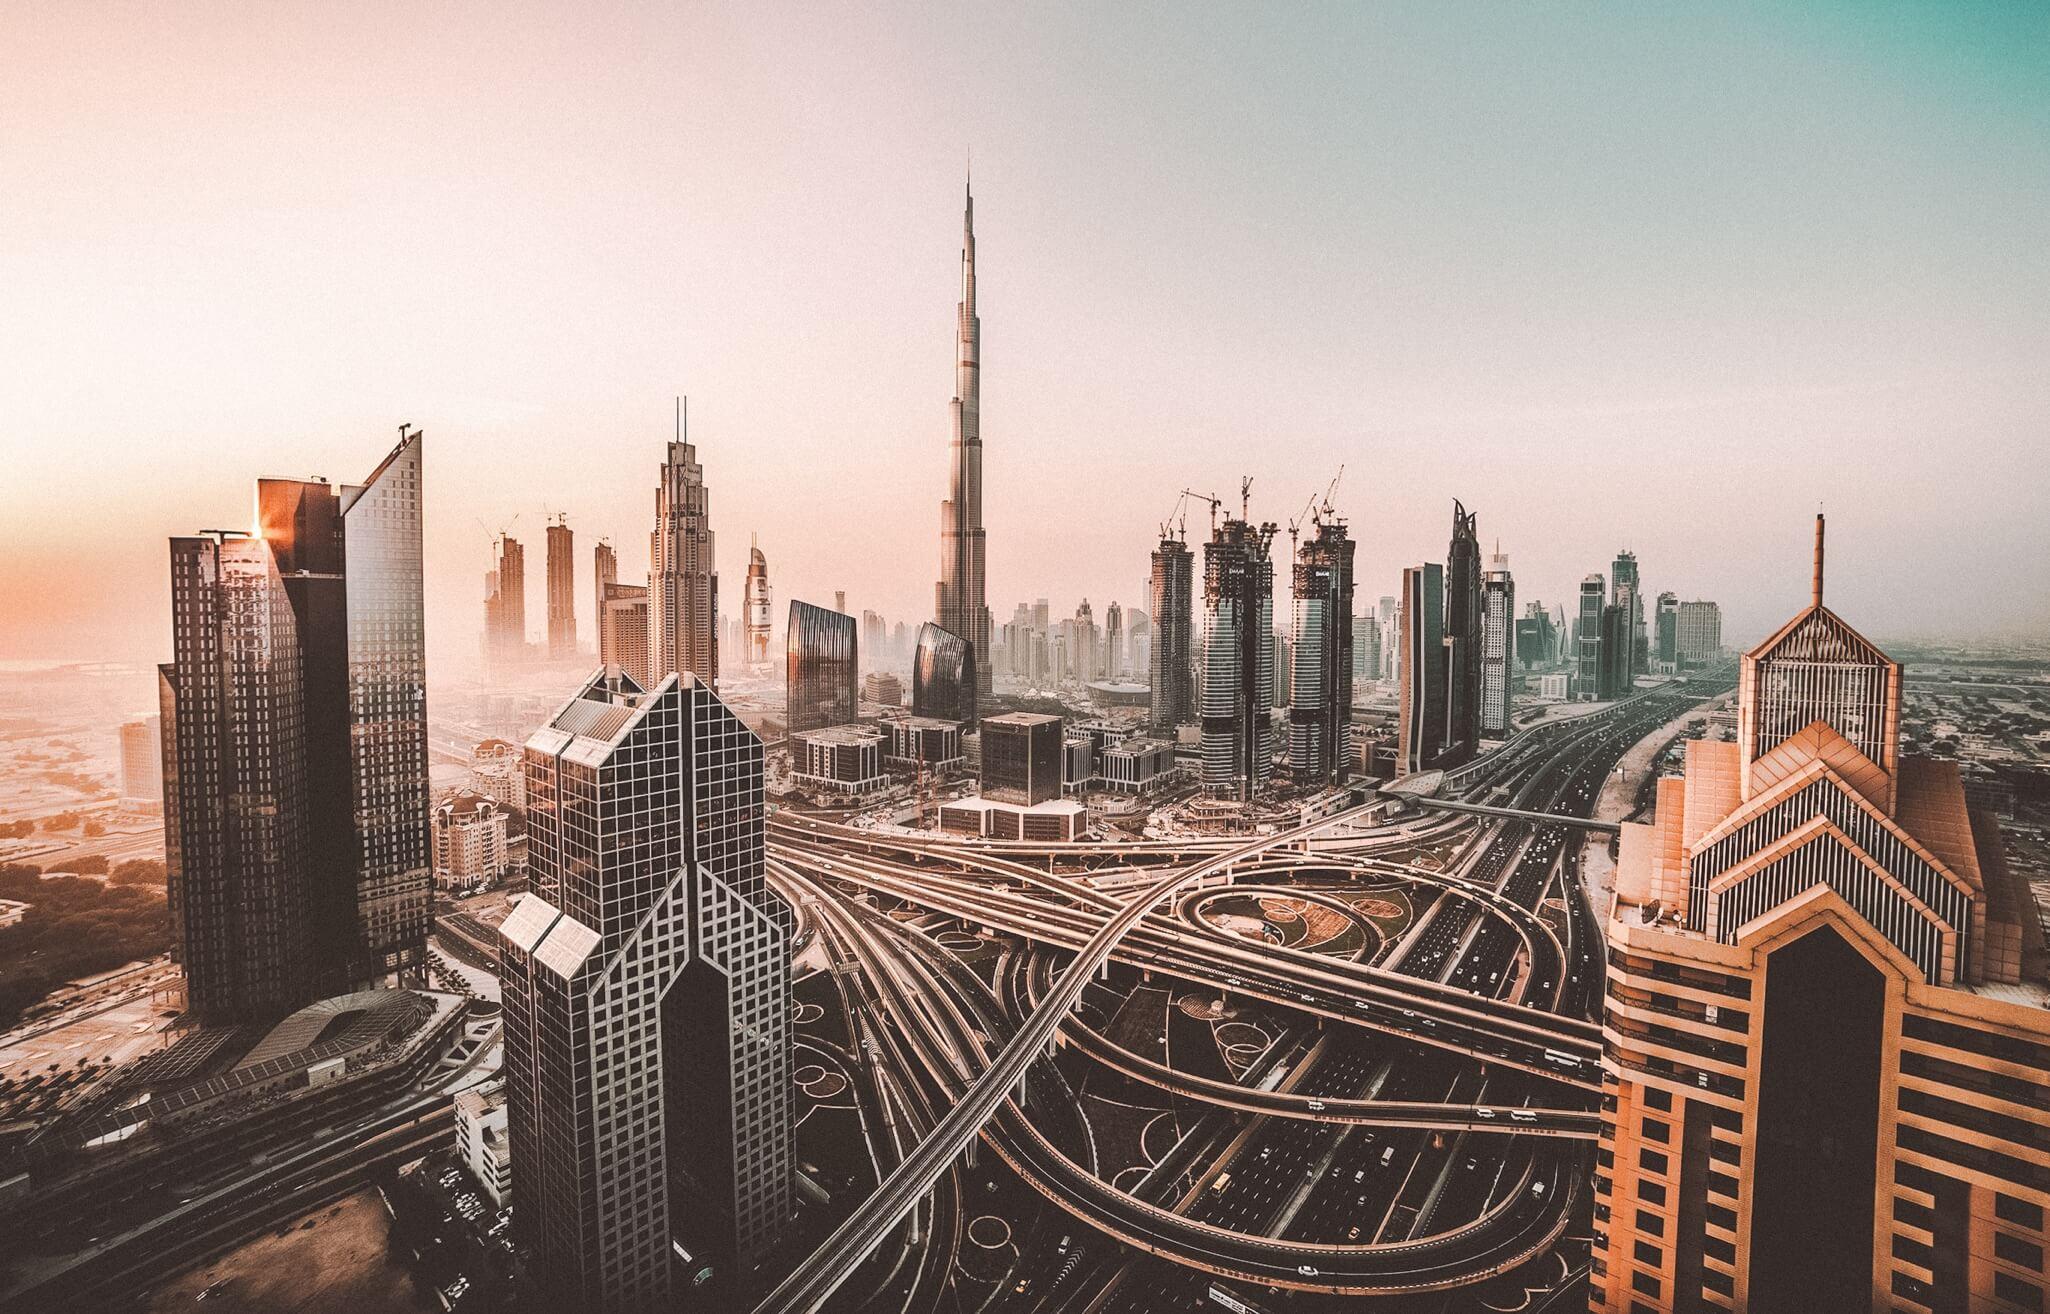 Verenigde Arabische Emiraten heeft een scala aan ontbijt, lunch en fine dining restaurants. In deze Verenigde Arabische Emiraten Travel Guide   Hotspotjes.nl